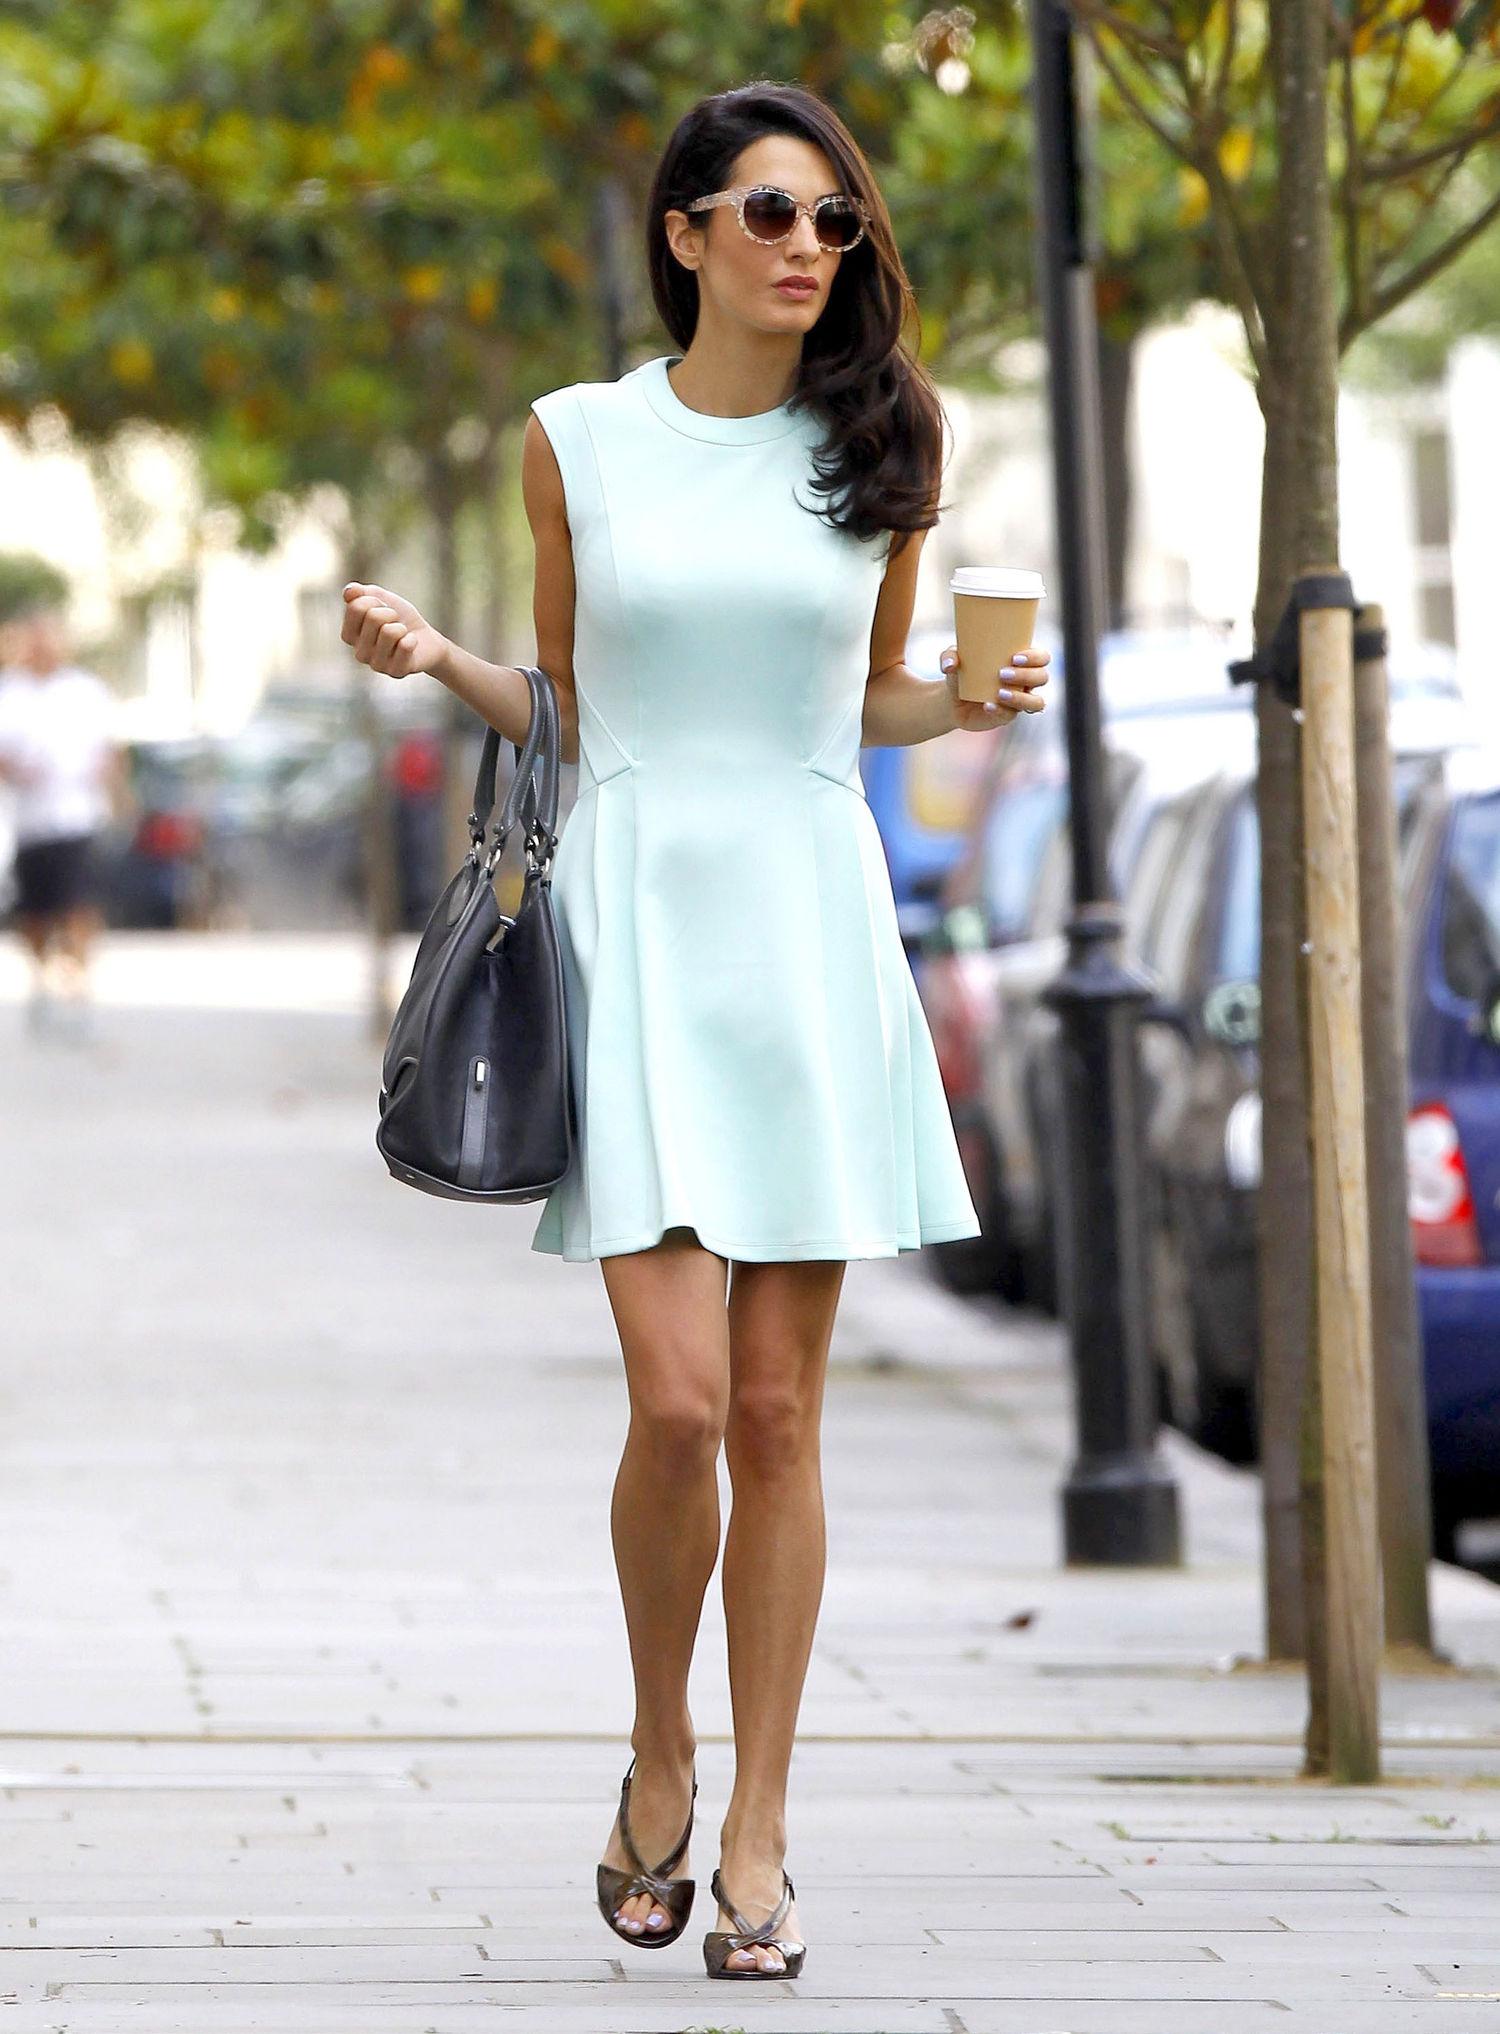 amal-alamuddin-mint-green-dress-outfit-london-main